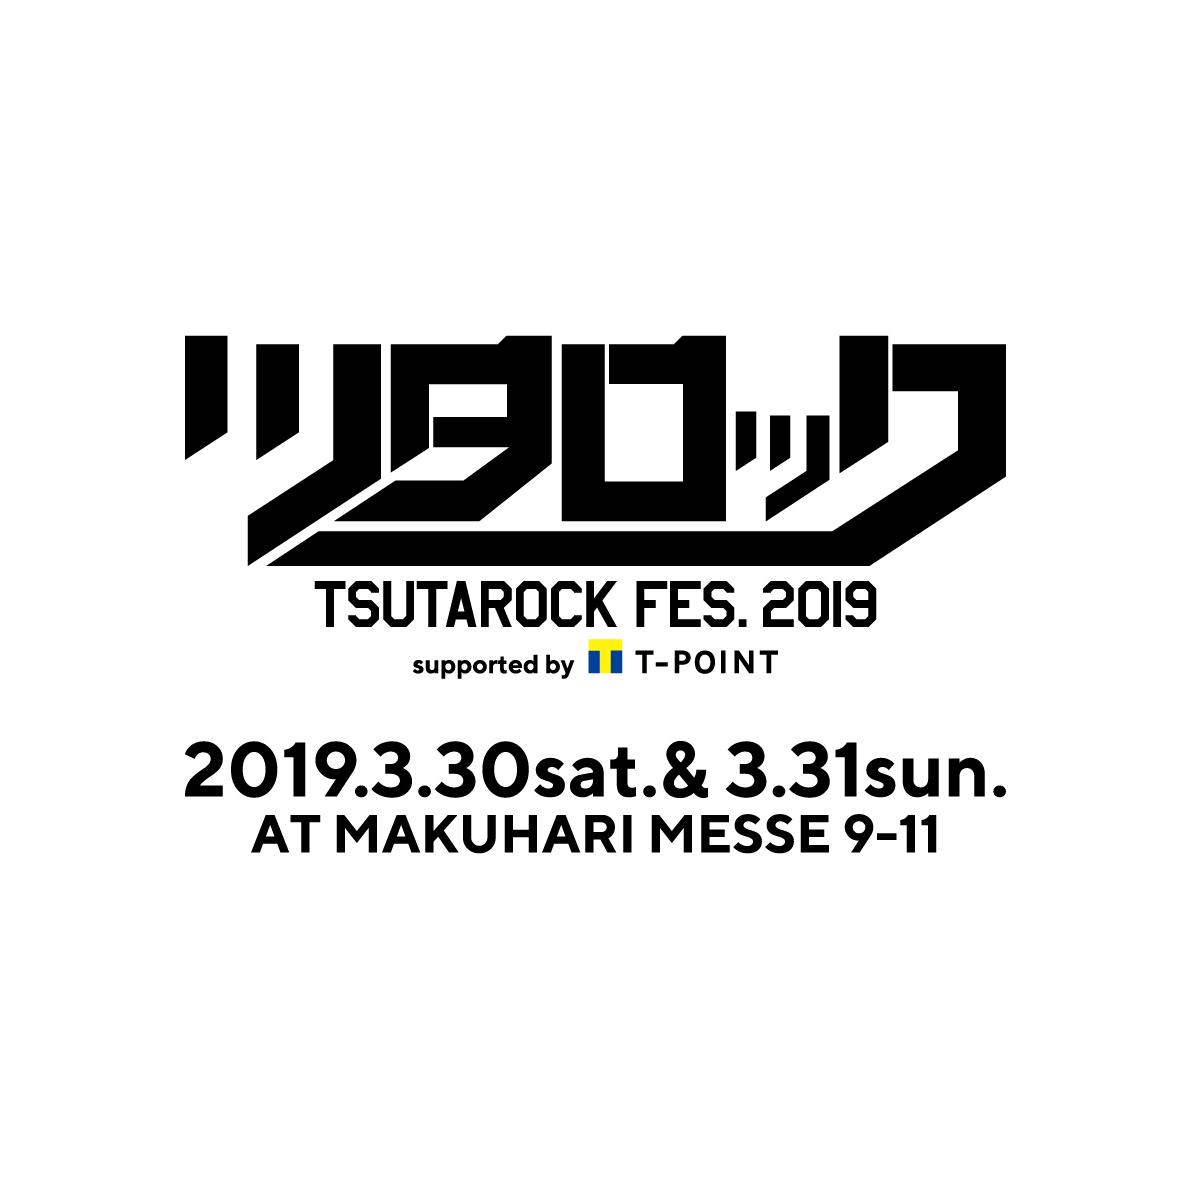 「ツタロックフェス2019」第5弾発表で打首獄門同好会の出演が決定